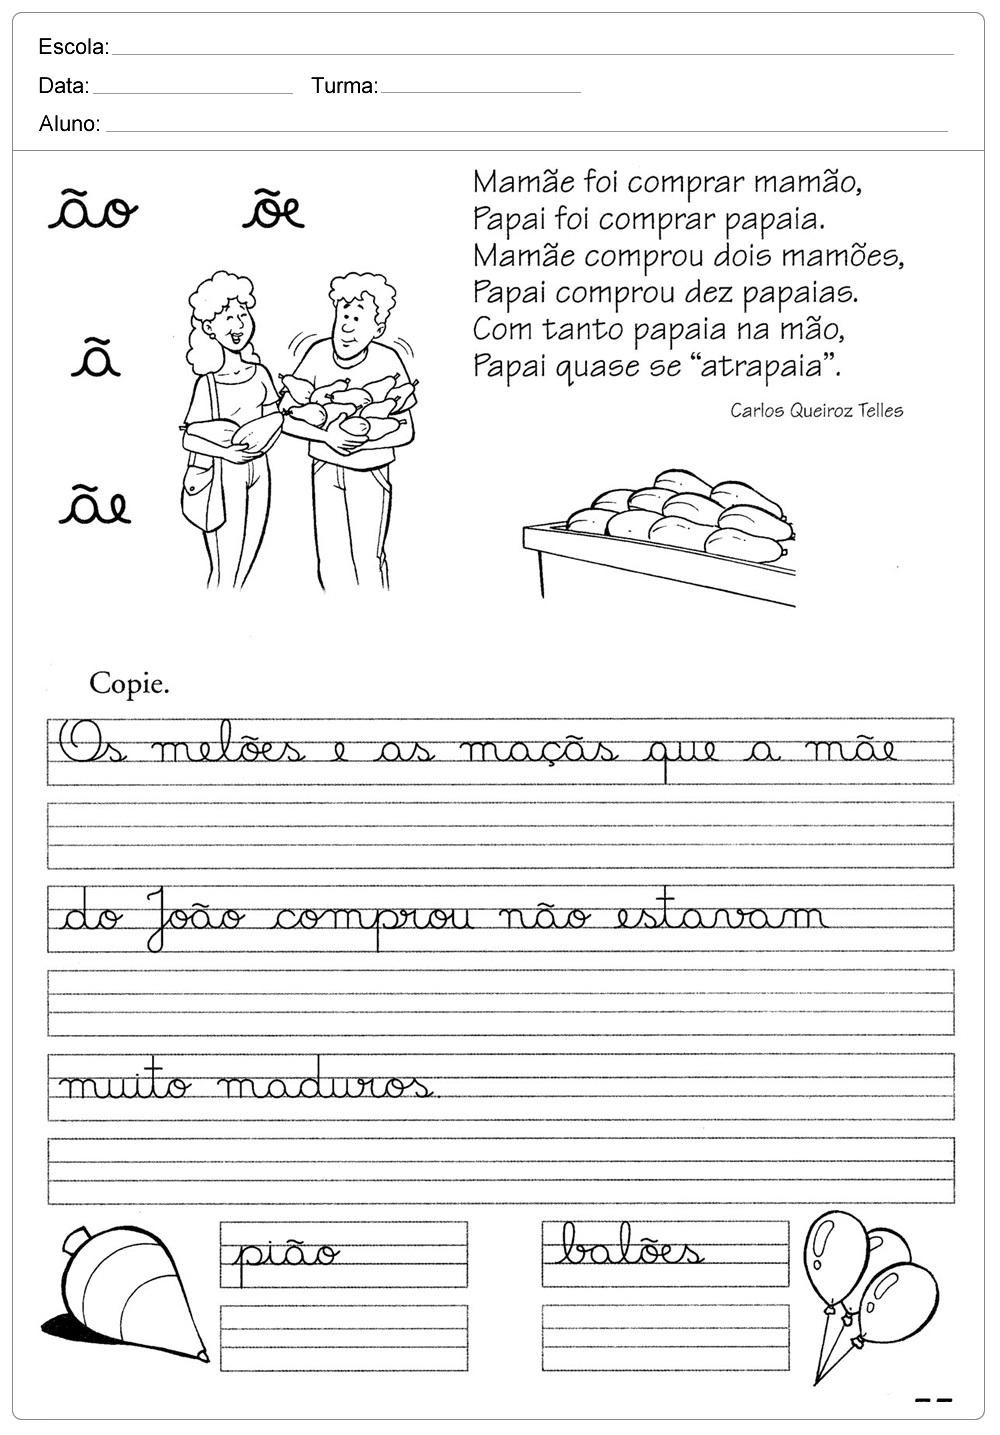 atividade-de-caligrafia-ao-ae-oe